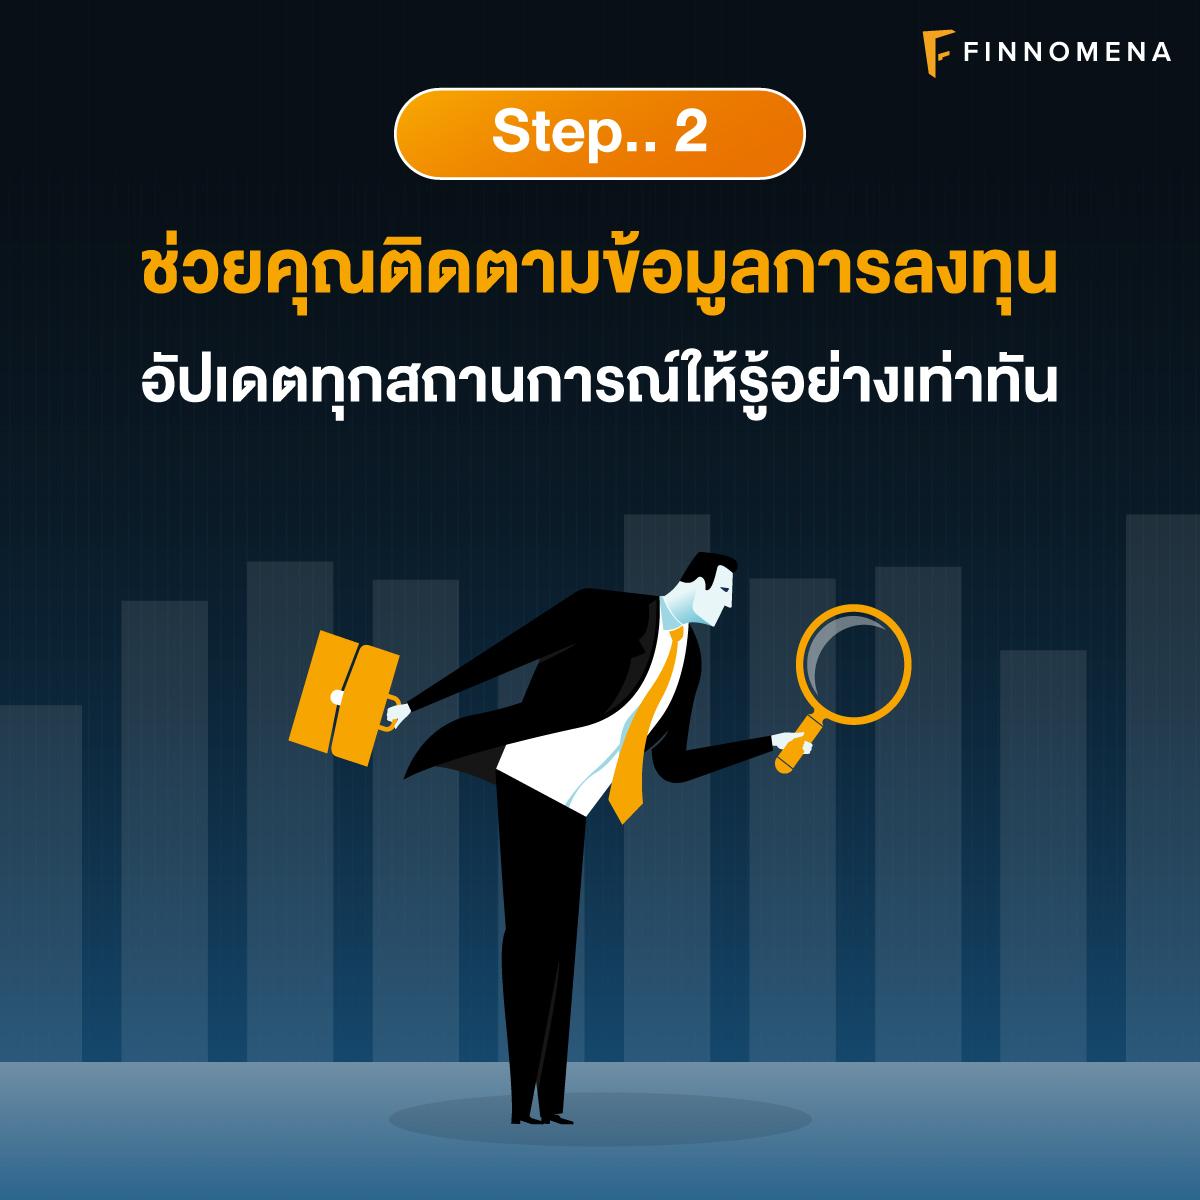 3 STEP มุ่งสู่เป้าหมายอย่างมั่นใจ ด้วยที่ปรึกษาการลงทุนส่วนตัว